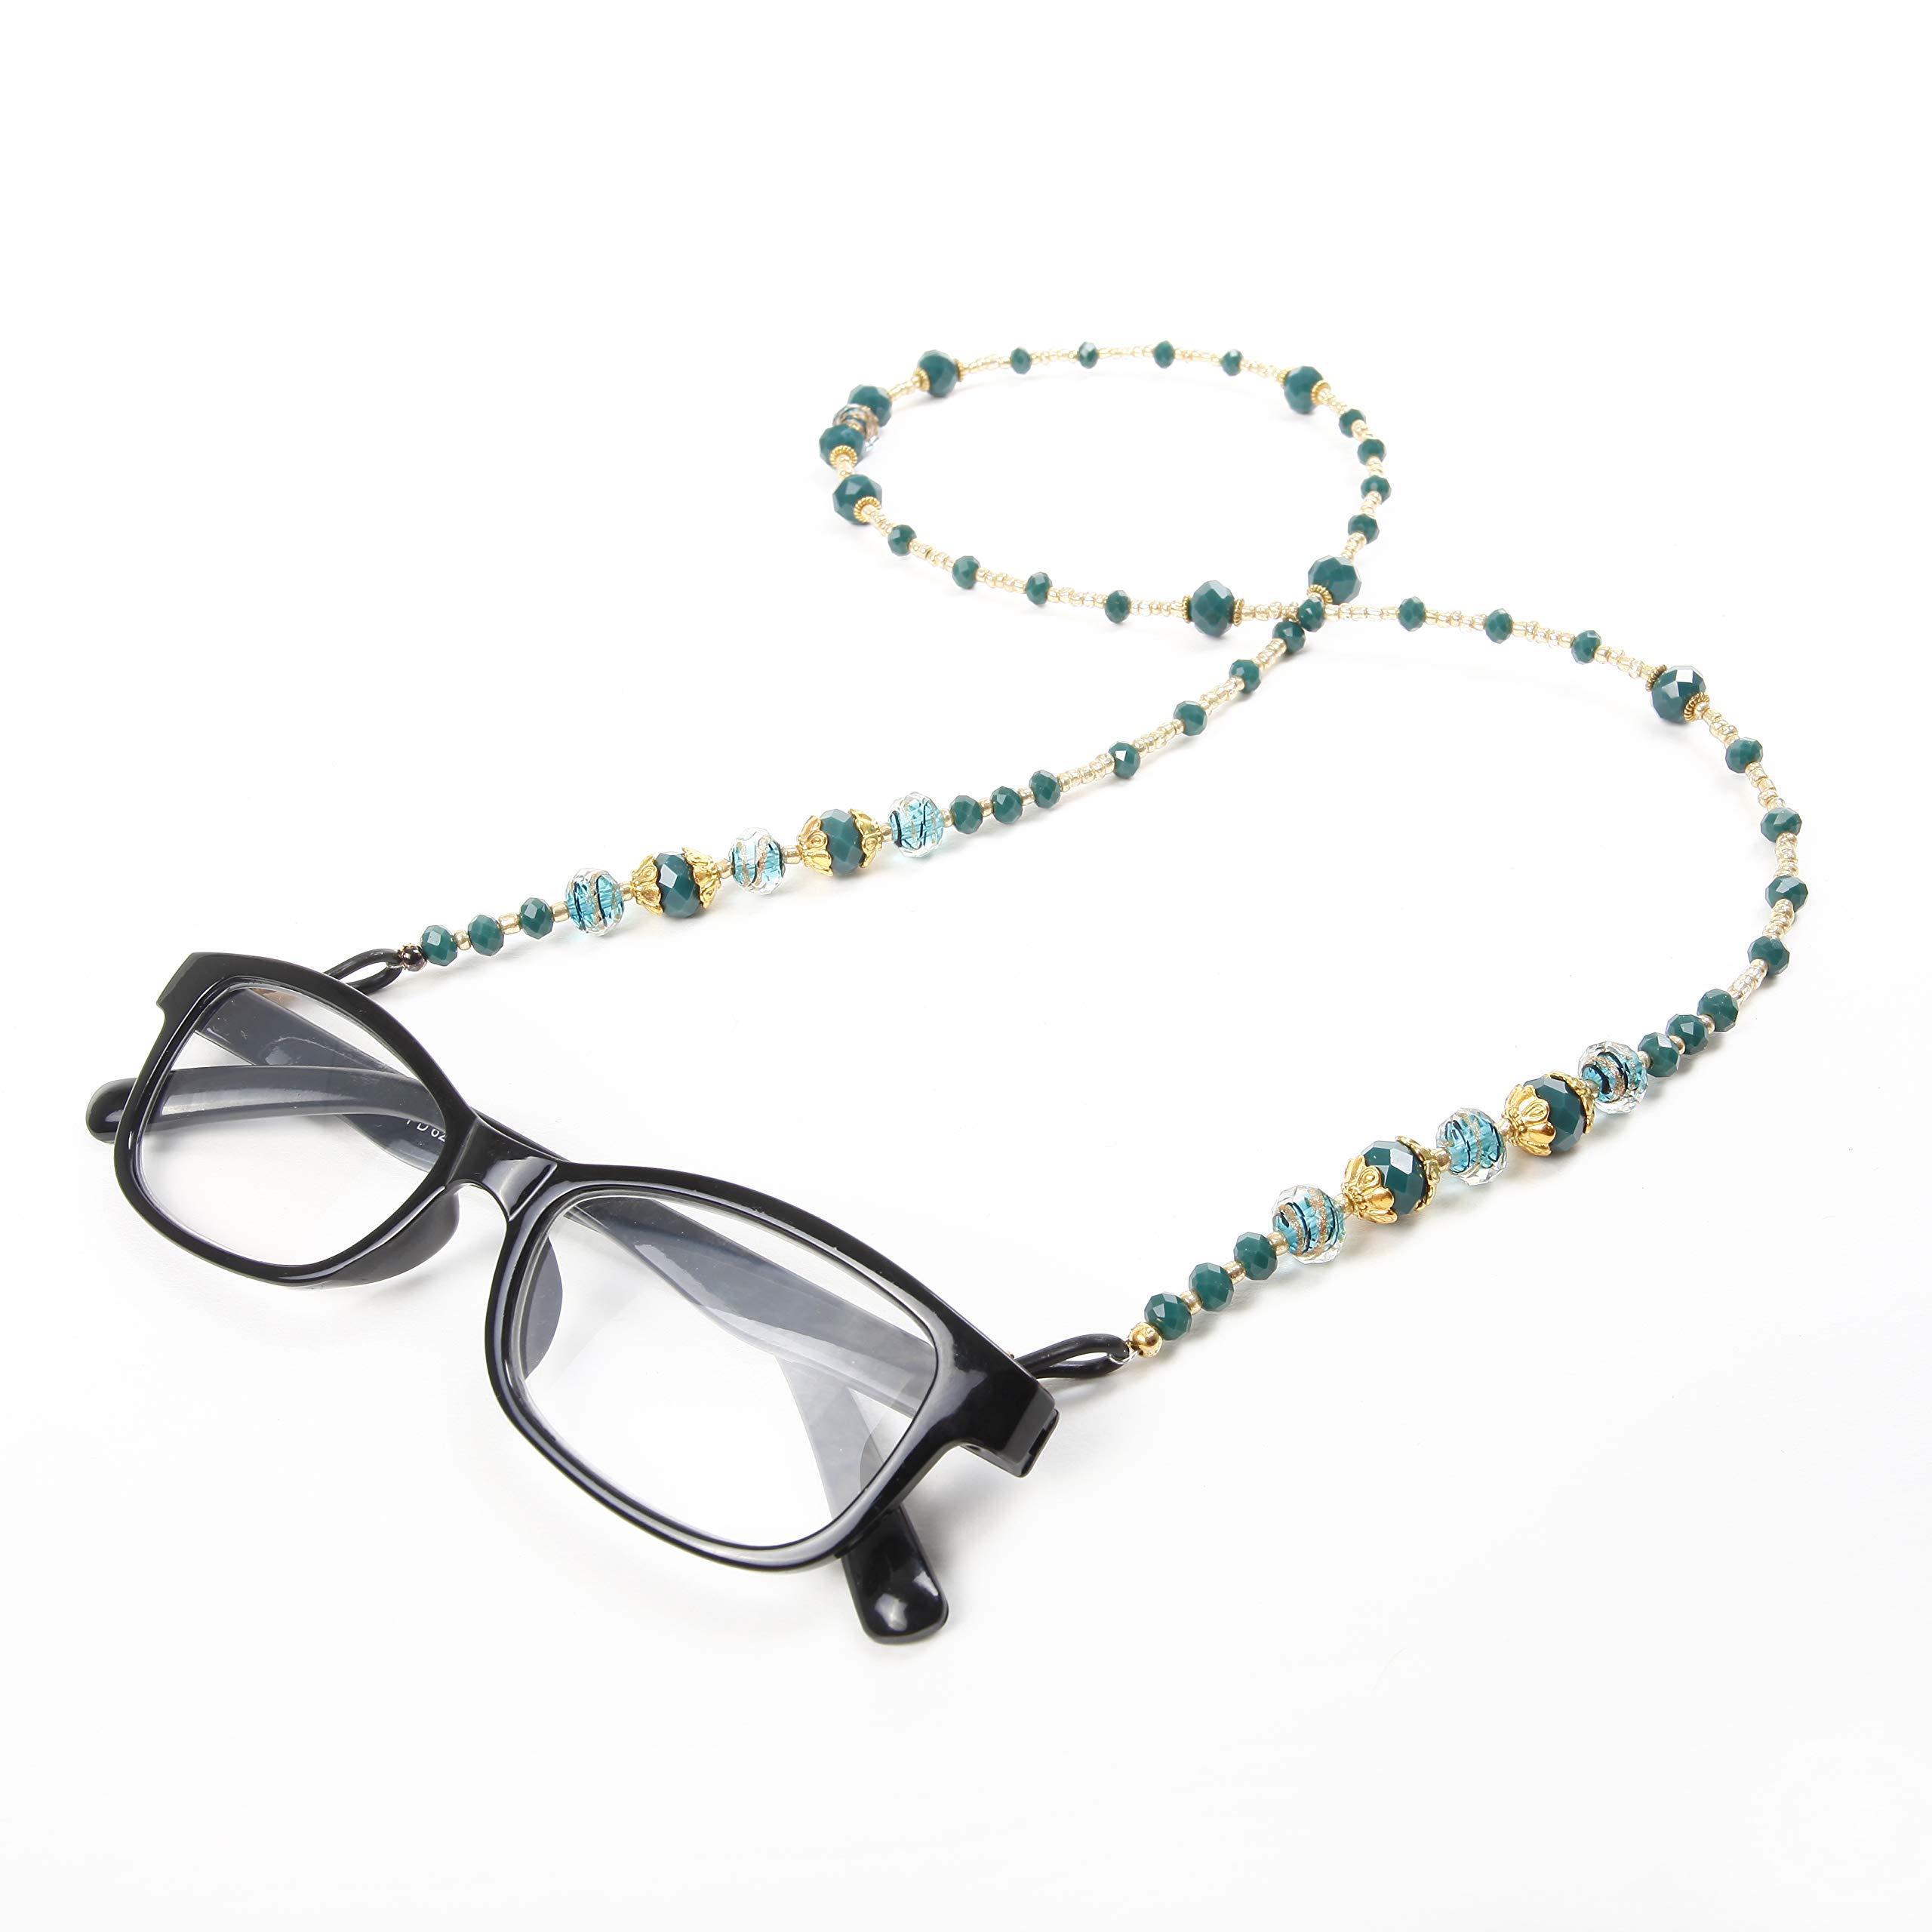 GoChainz - The Emerald - Green & Gold Eyeglass Chain Holder-